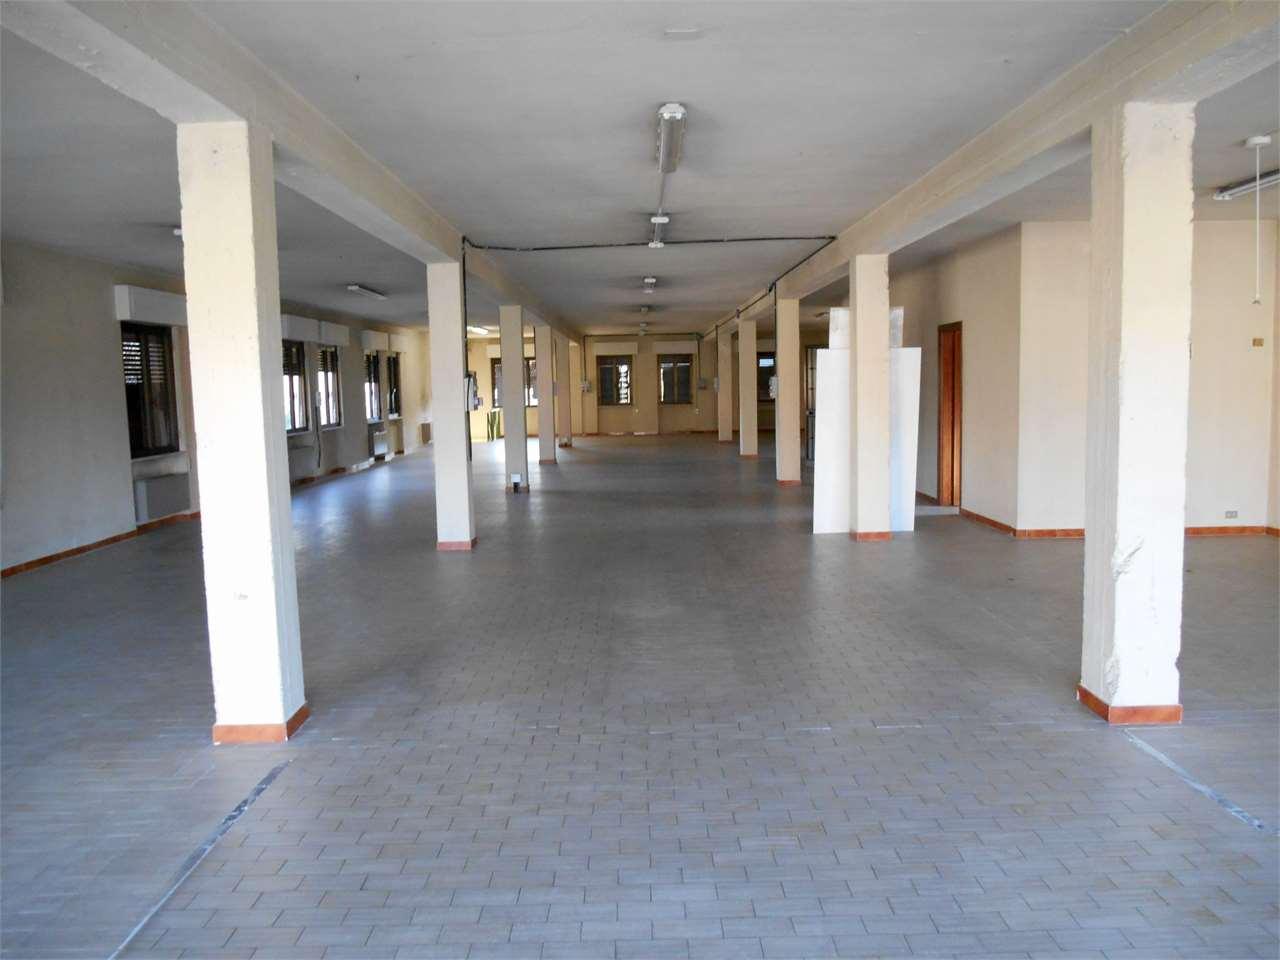 Negozio / Locale in affitto a Capannori, 3 locali, zona Zona: Lunata, prezzo € 4.200 | Cambio Casa.it